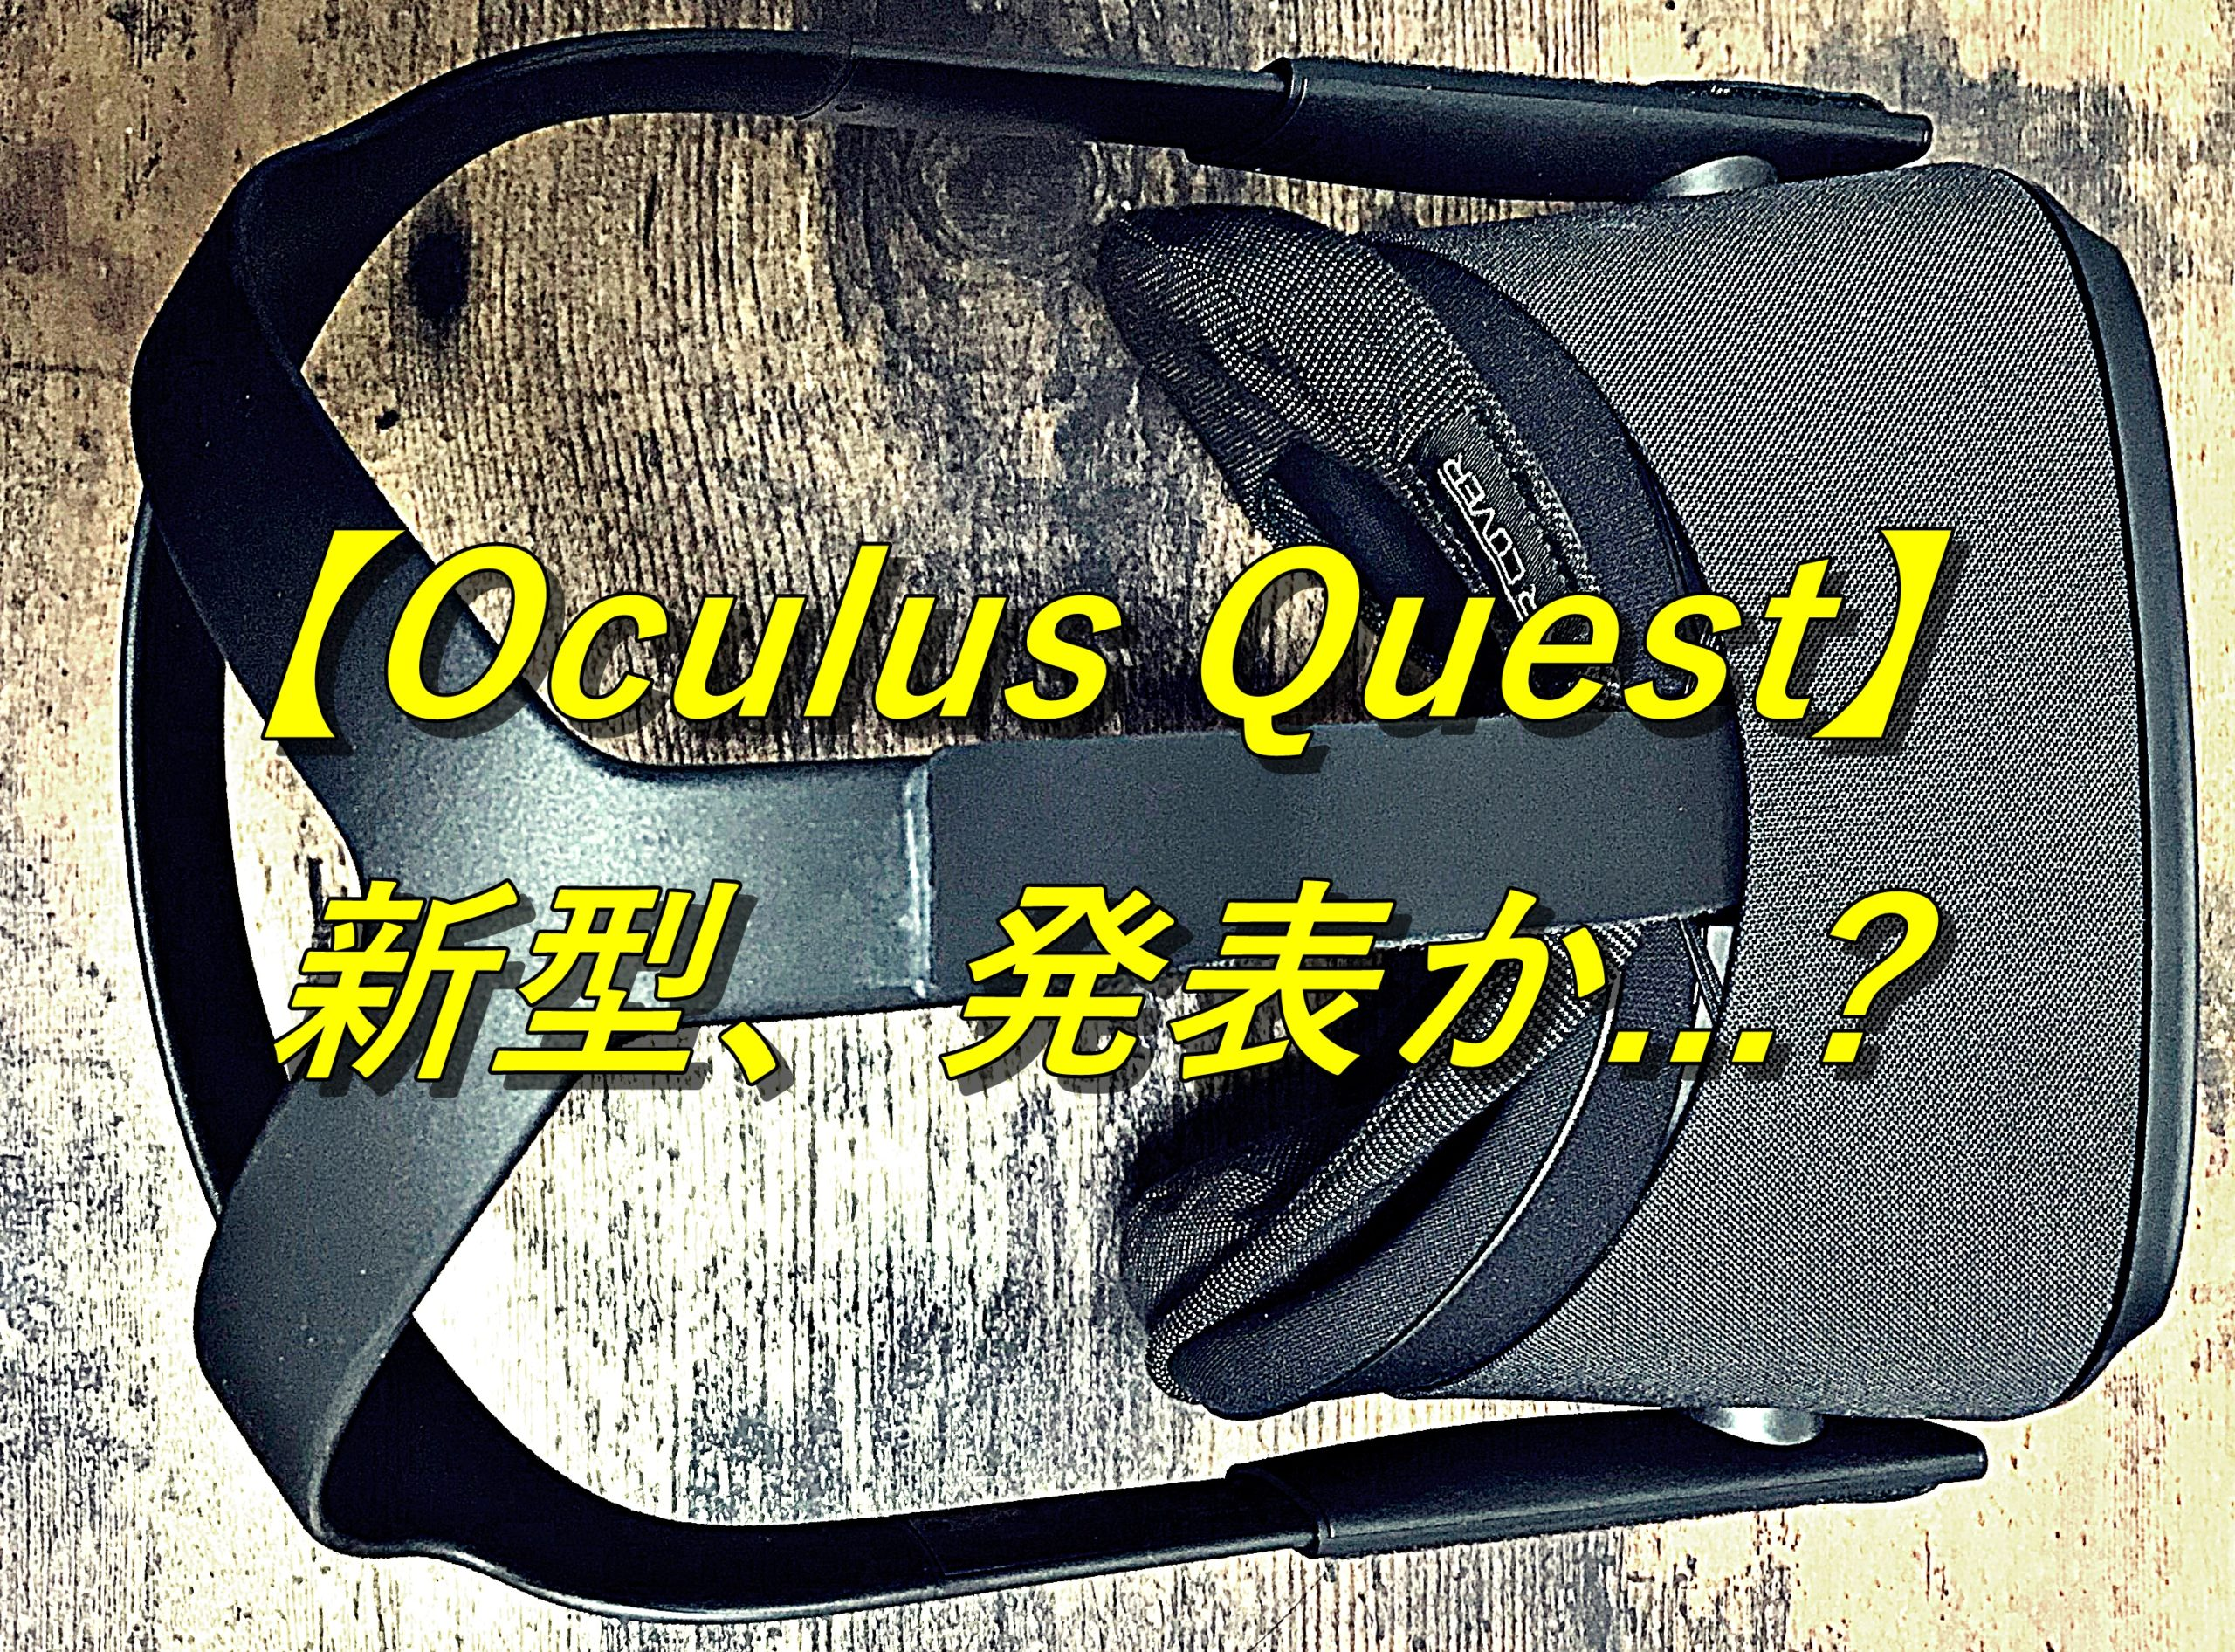 【新型】OculusQuest2はいつ発表&初期版との違いは?